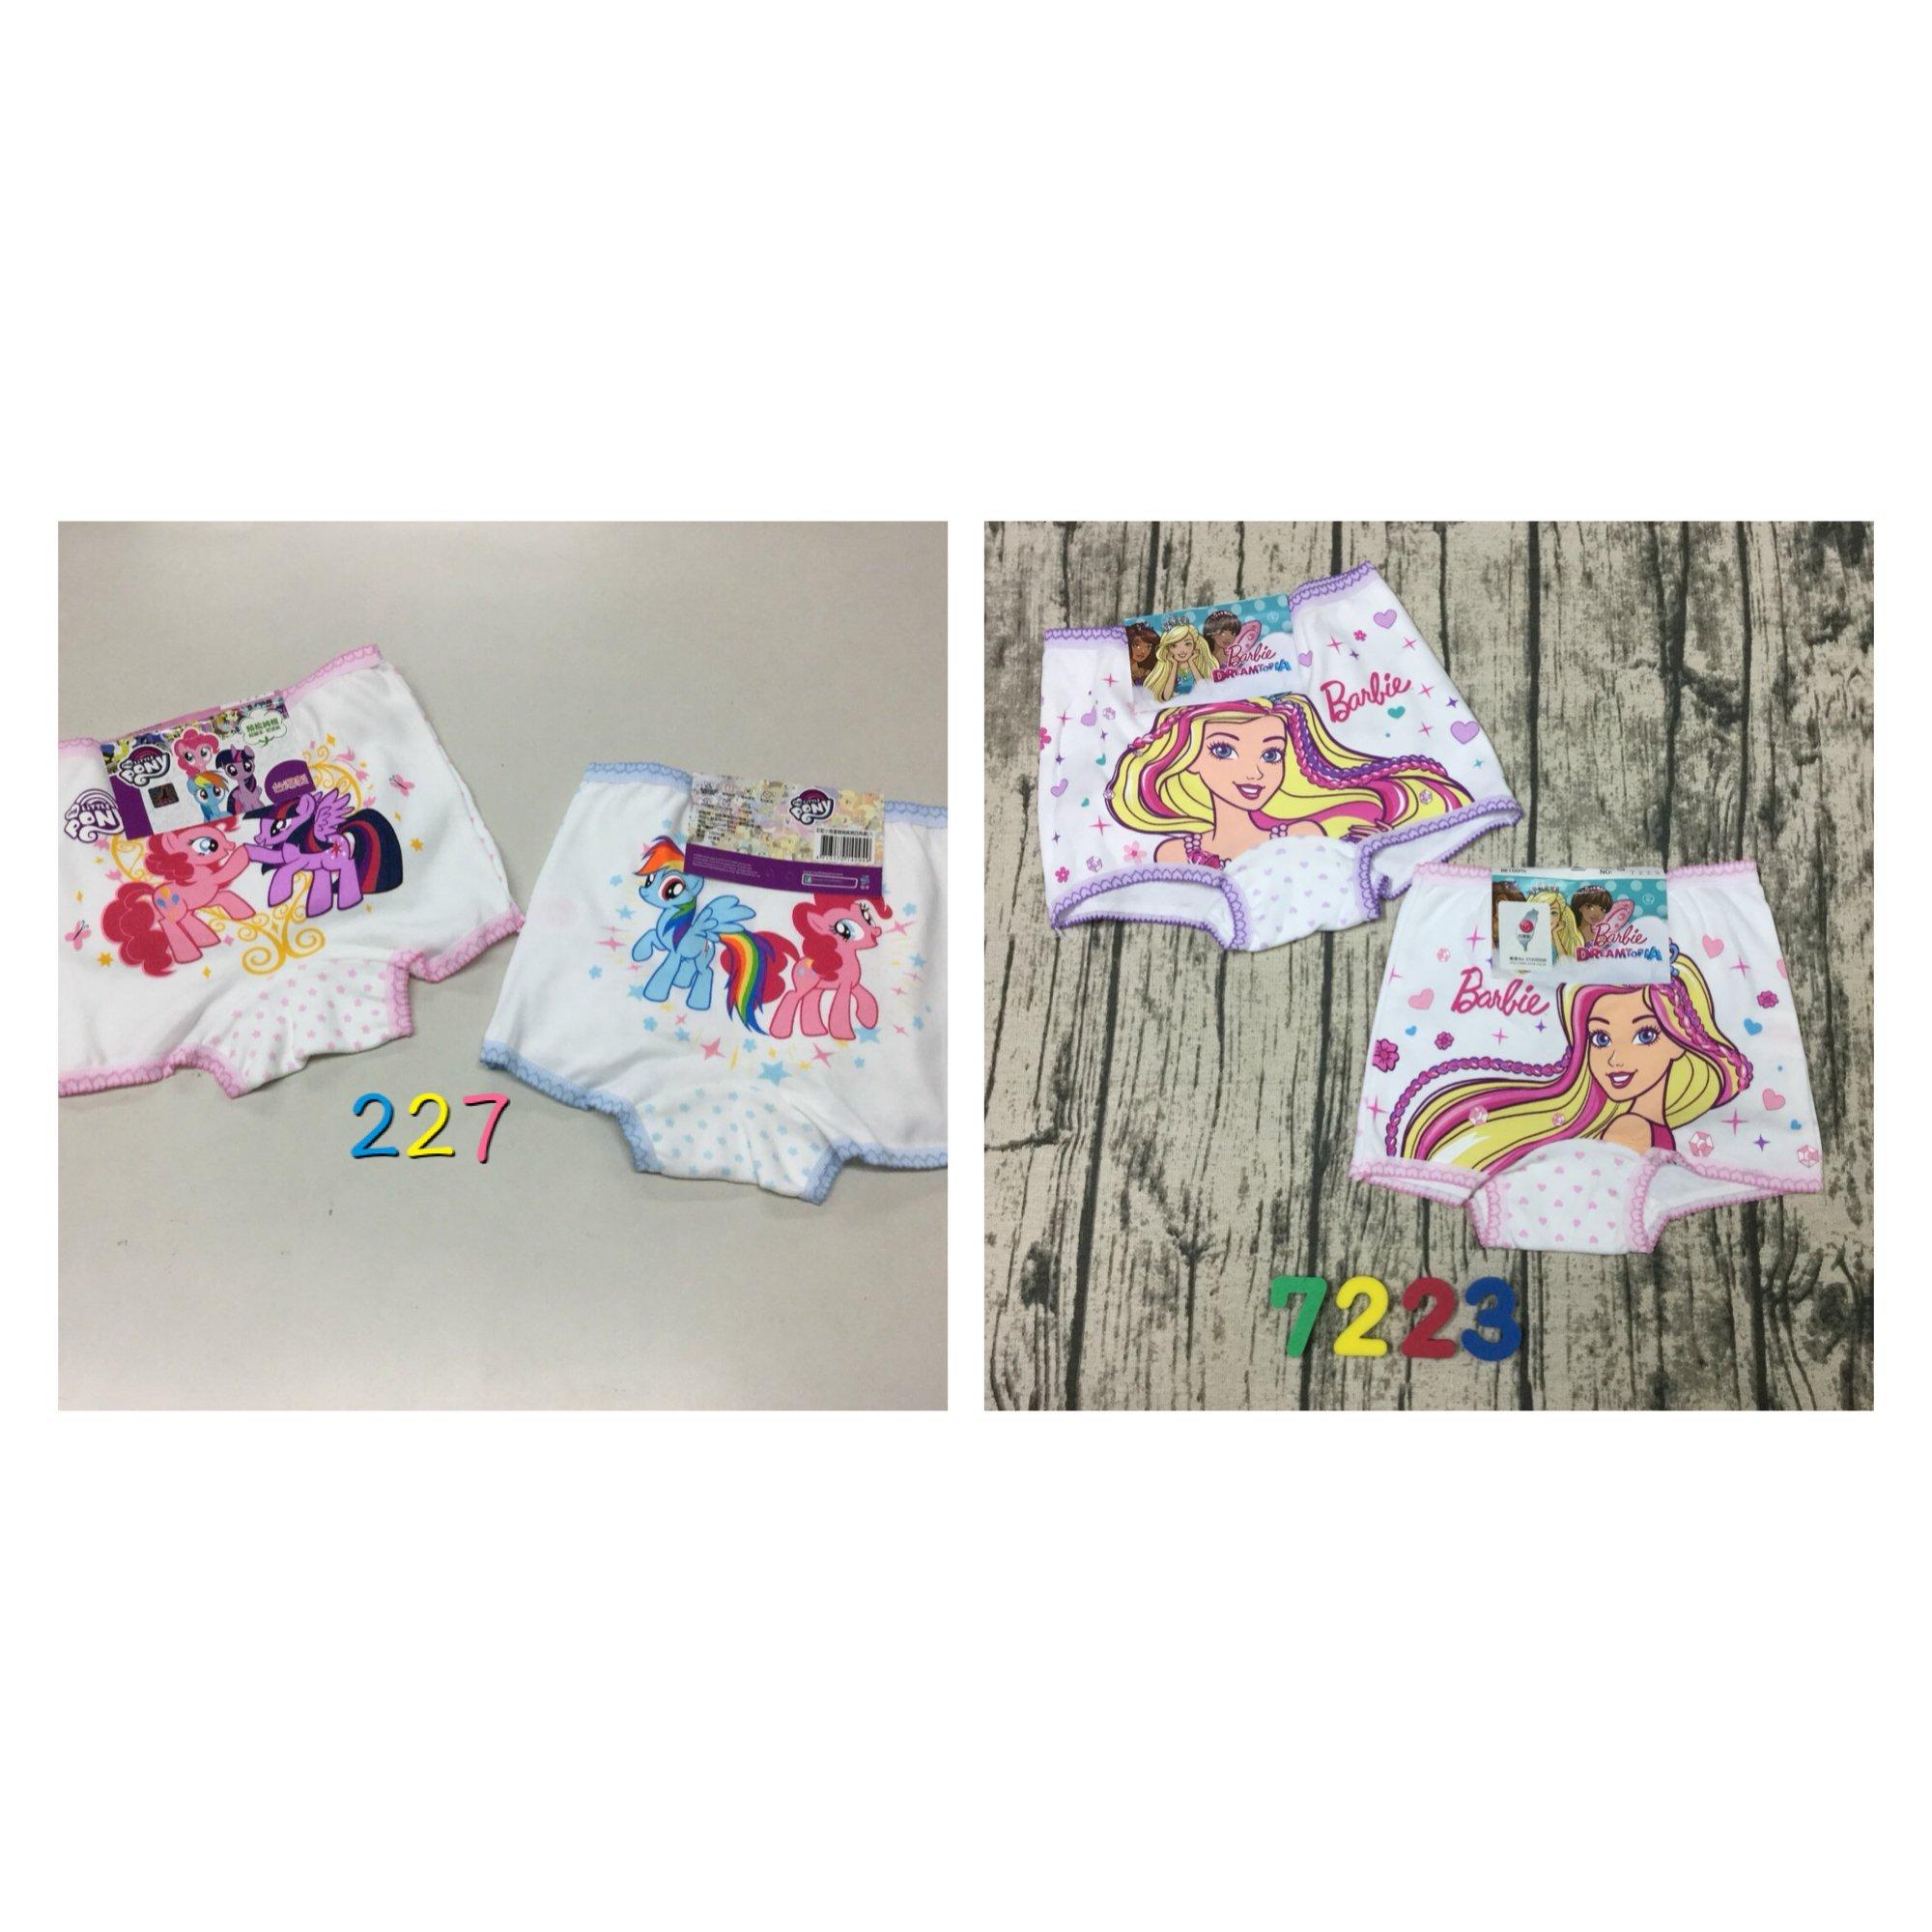 227 223 女童彩虹小馬芭比純棉平口內褲(二件組)  小魚衣舖